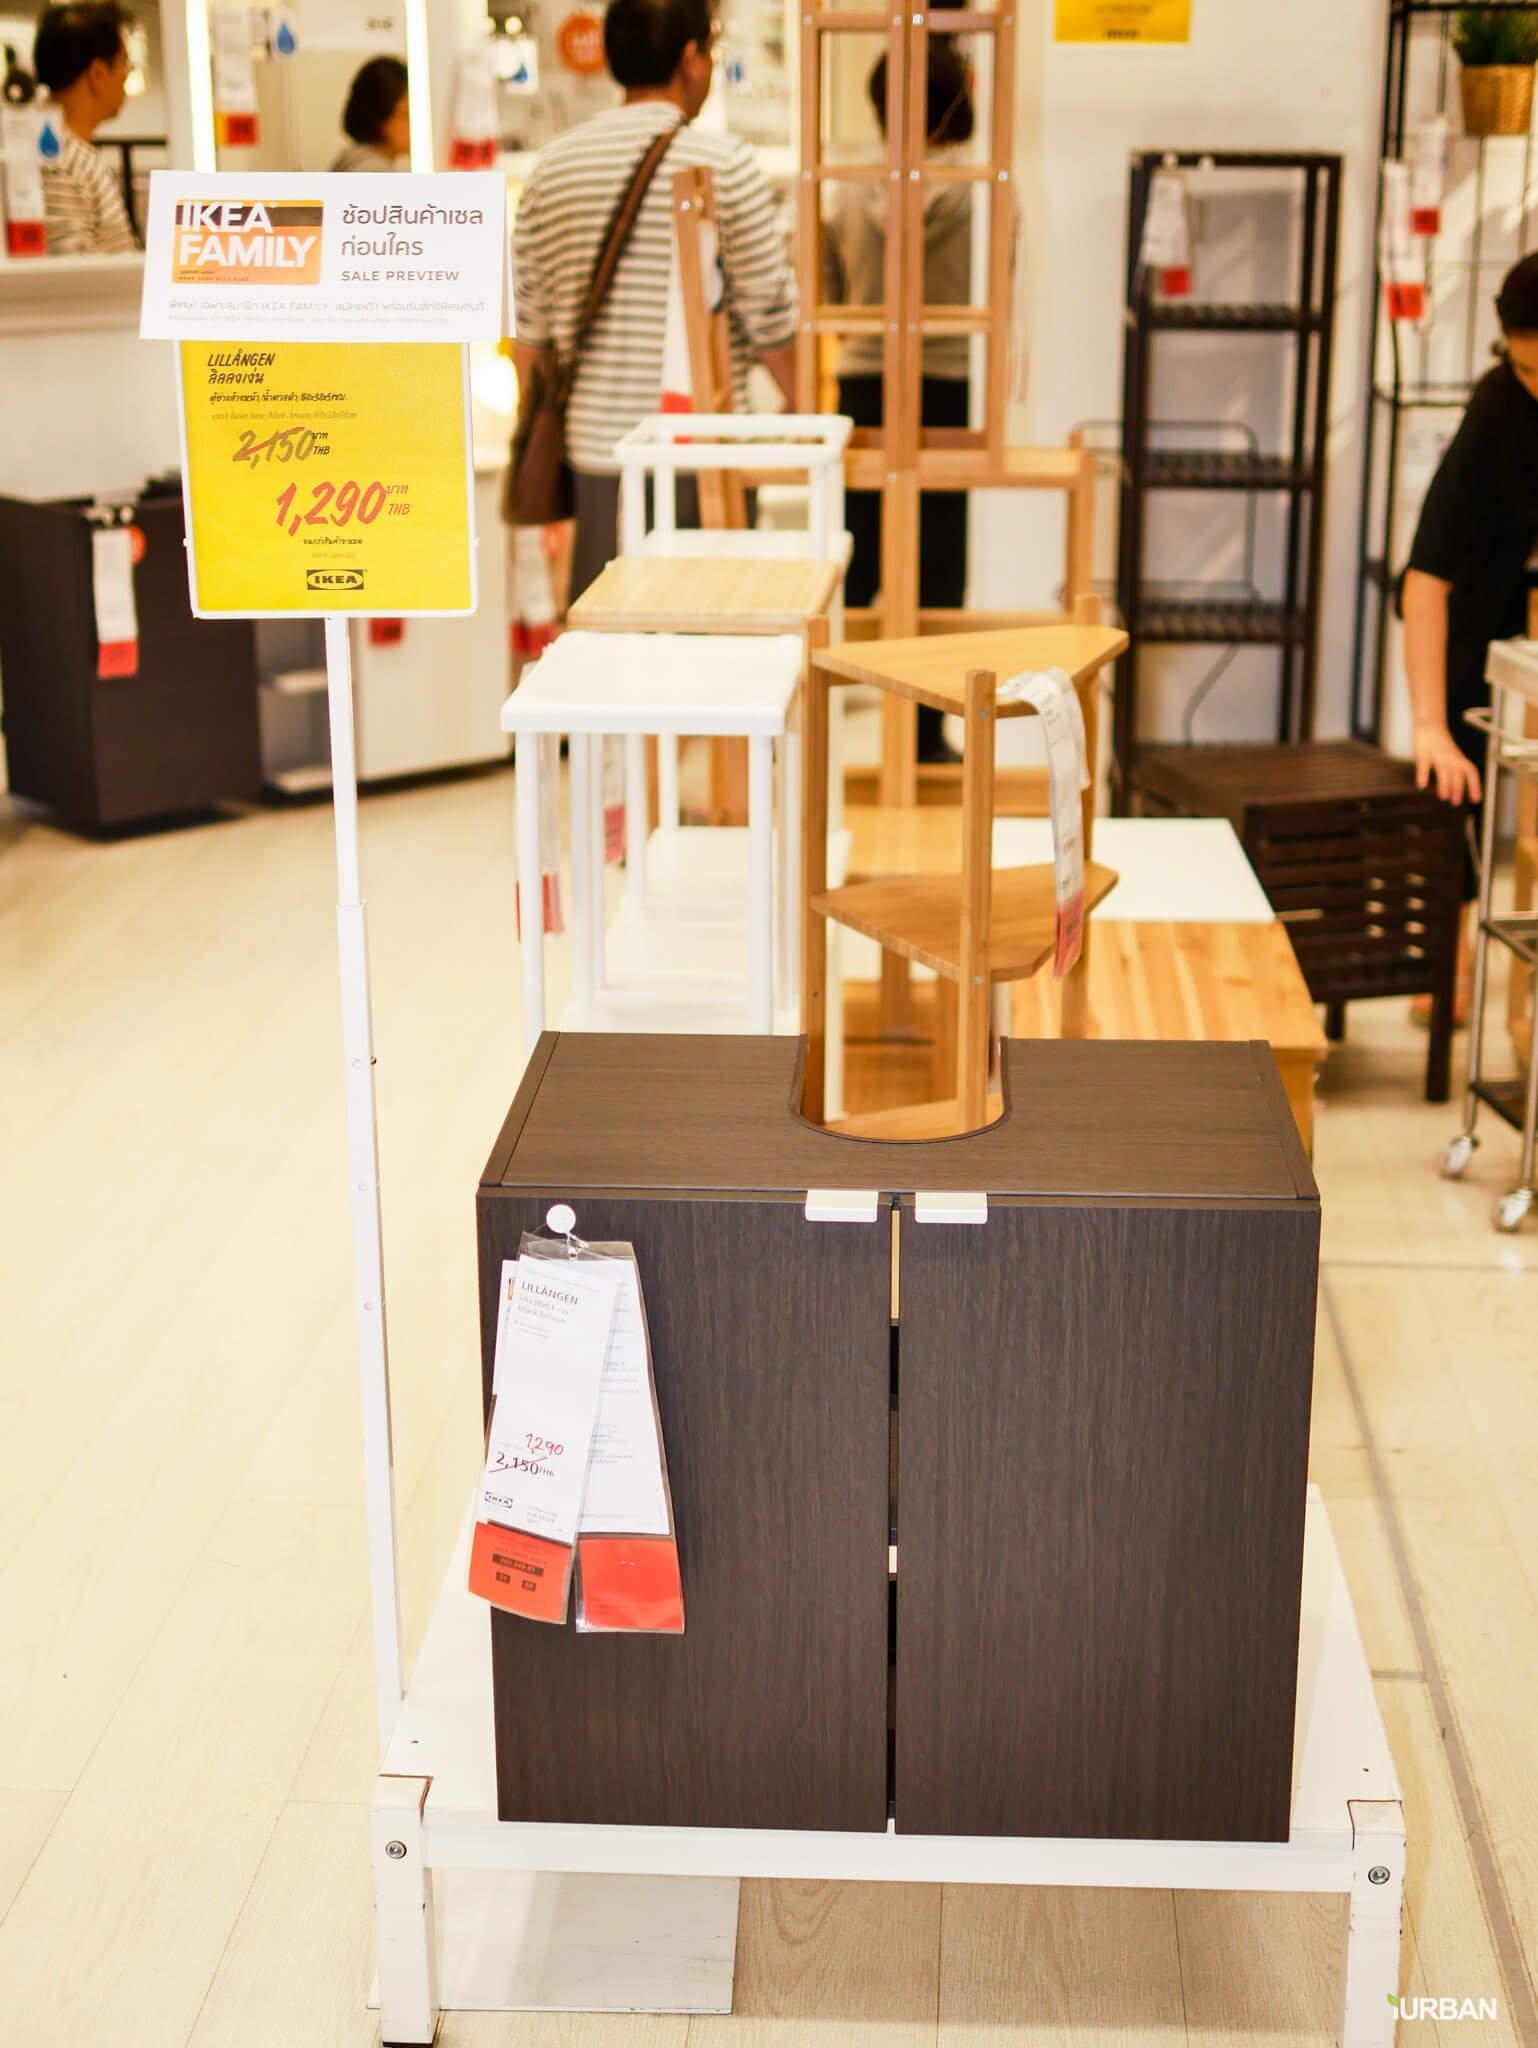 มันเยอะมากกกก!! IKEA Year End SALE 2017 รวมของเซลในอิเกีย ลดเยอะ ลดแหลก รีบพุ่งตัวไป วันนี้ - 7 มกราคม 61 161 - IKEA (อิเกีย)